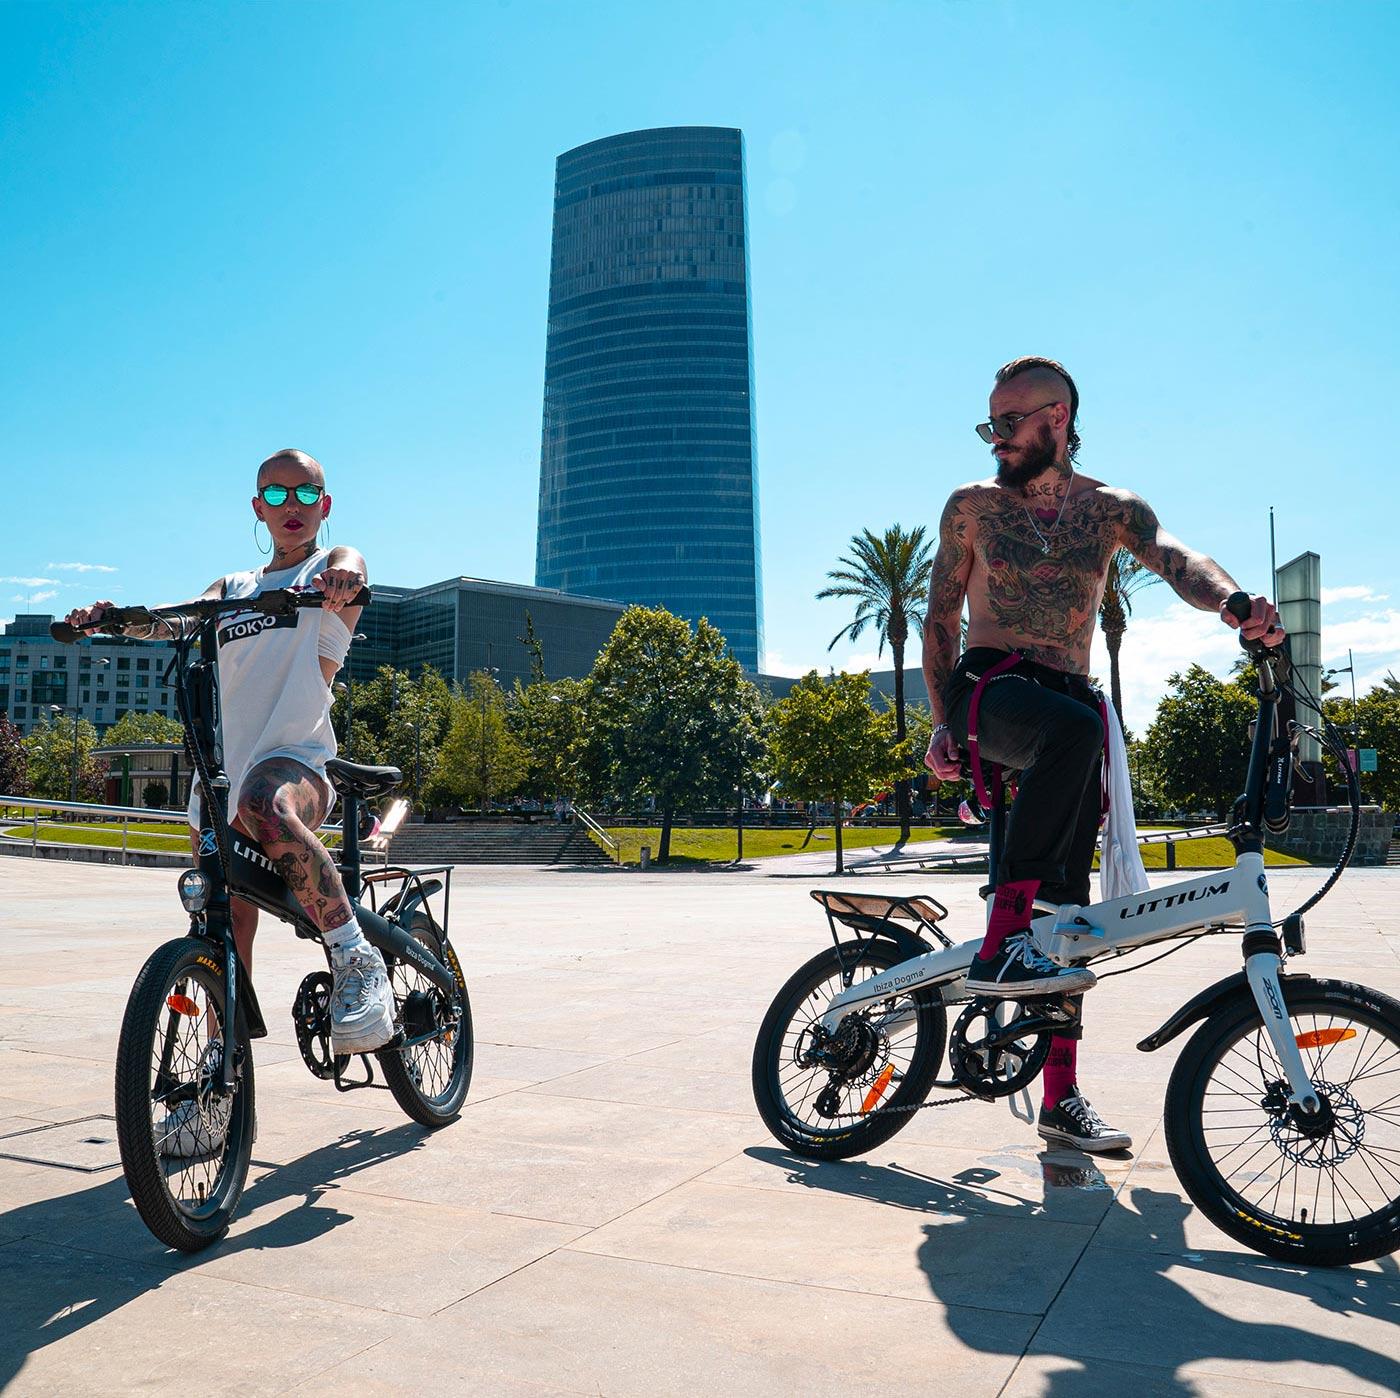 El futuro y la movilidad sostenible